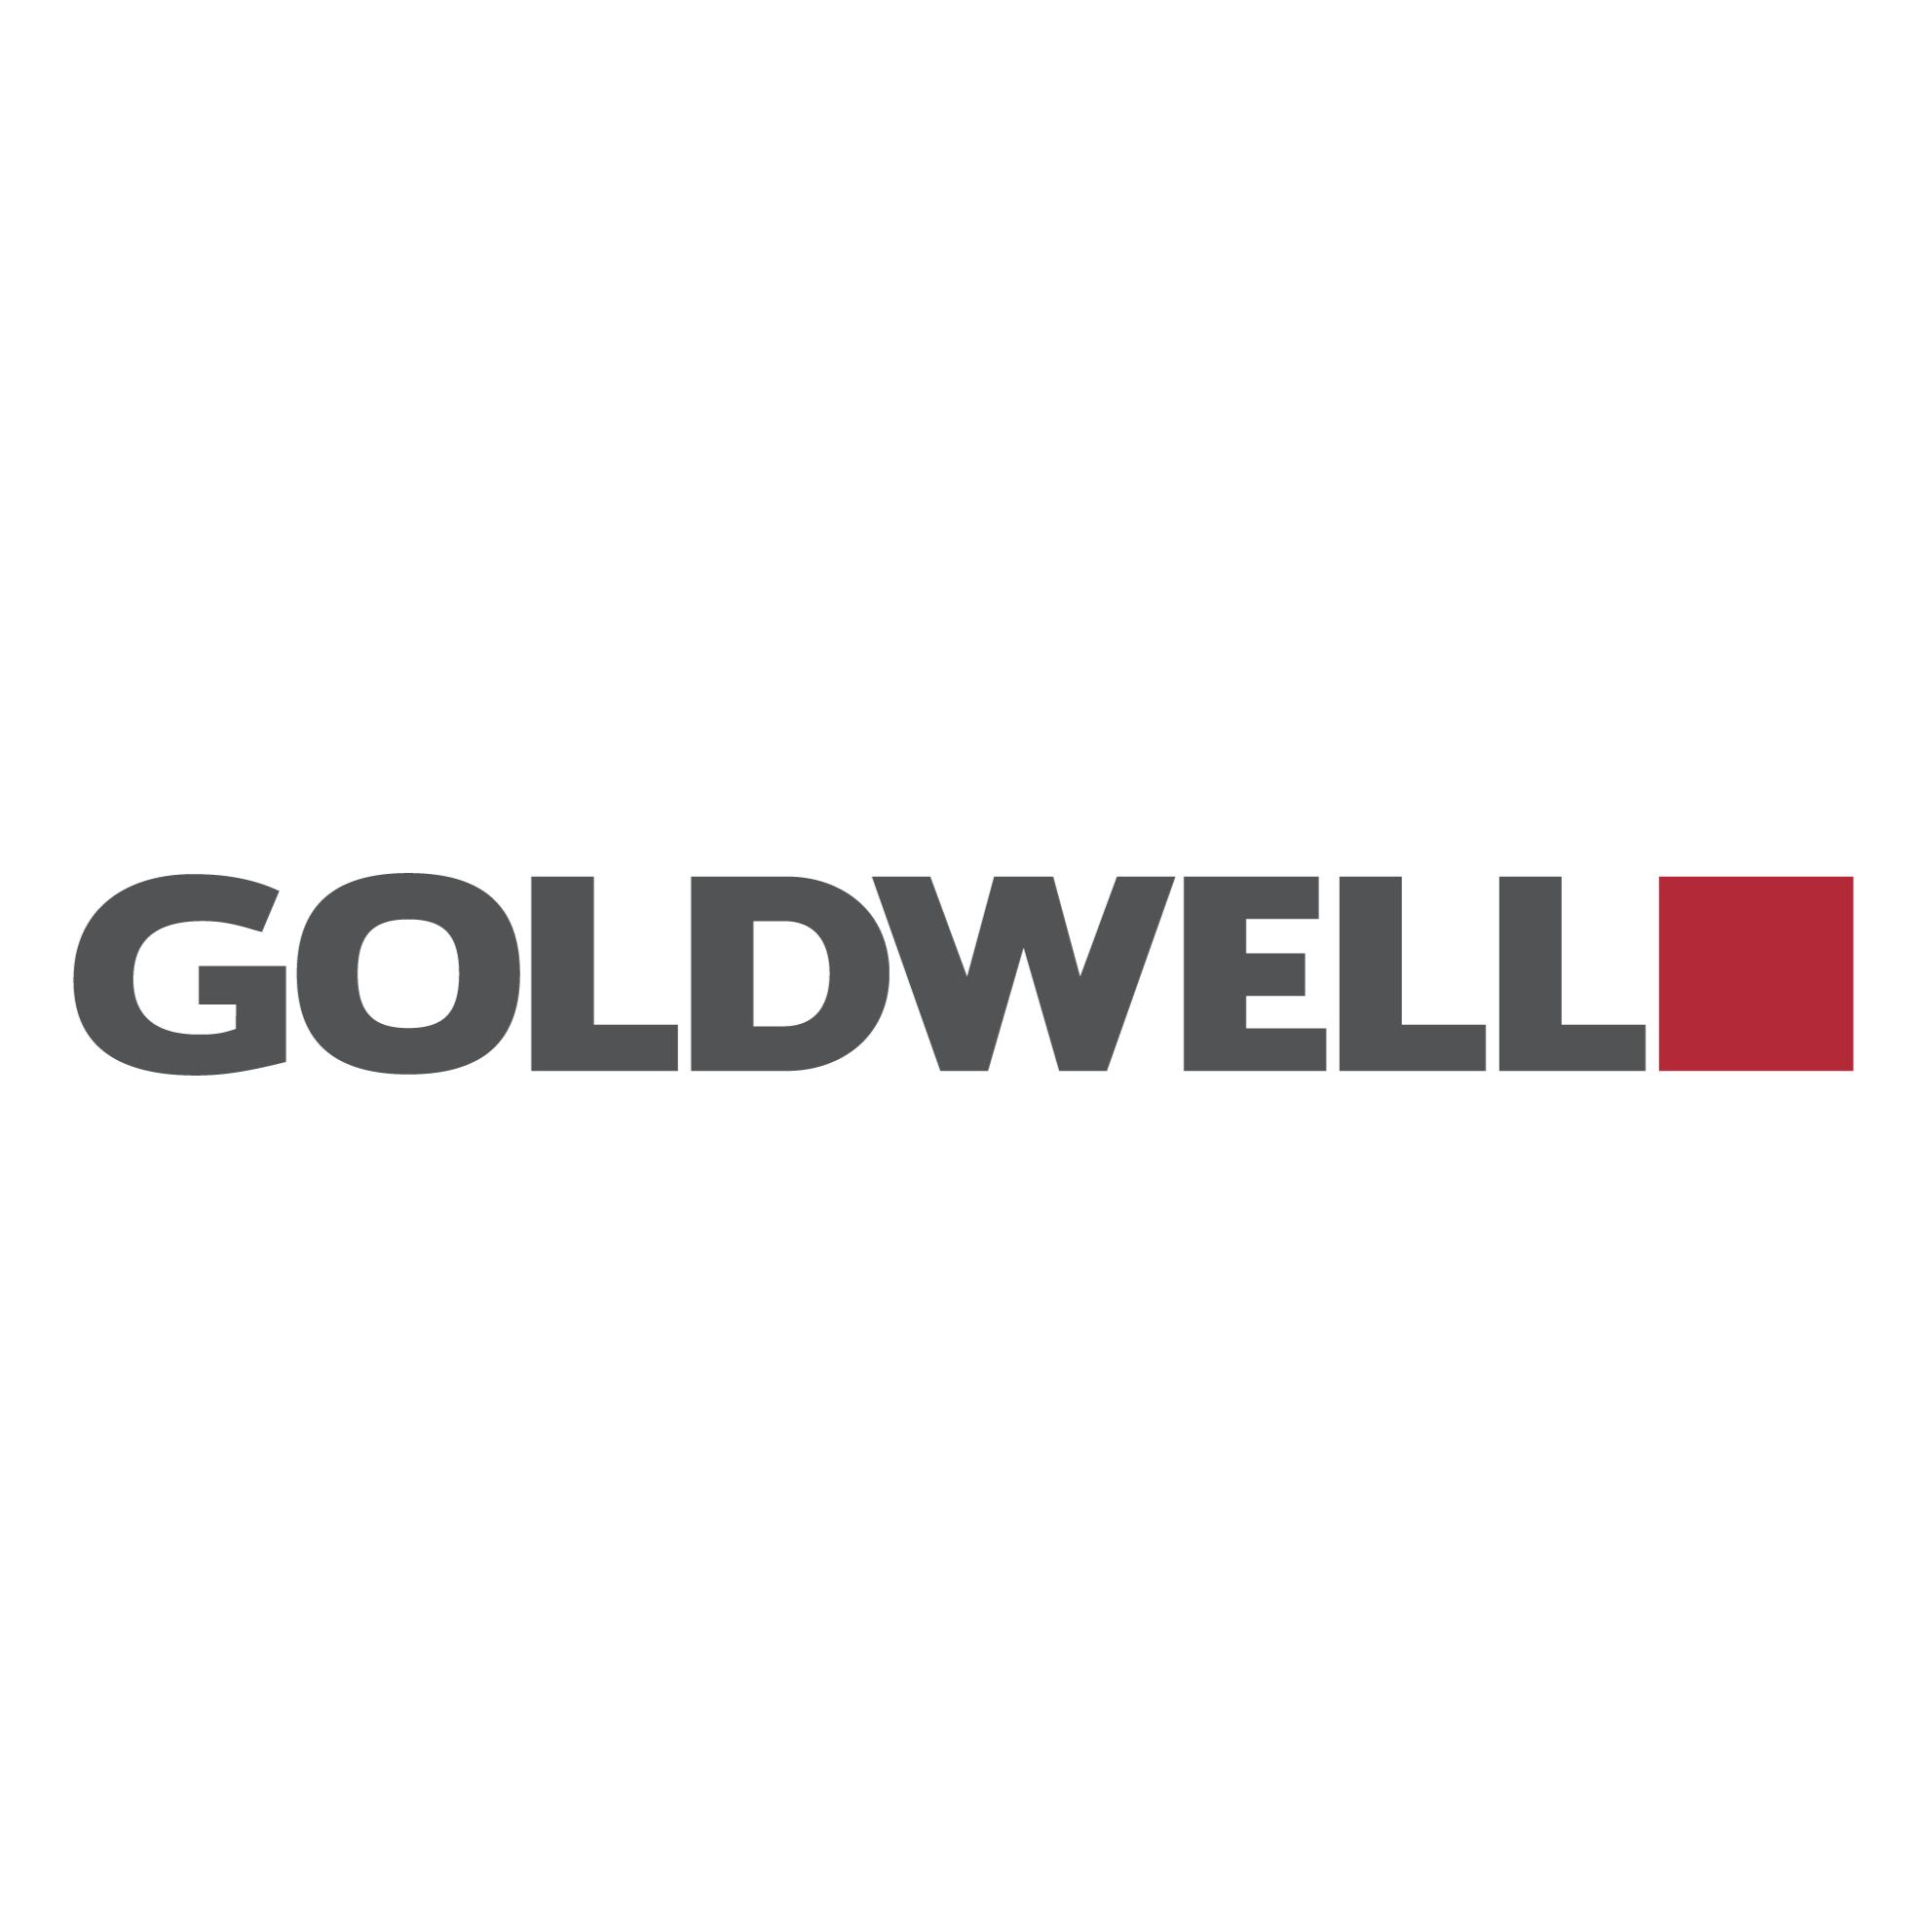 goldwell logopedia fandom powered by wikia